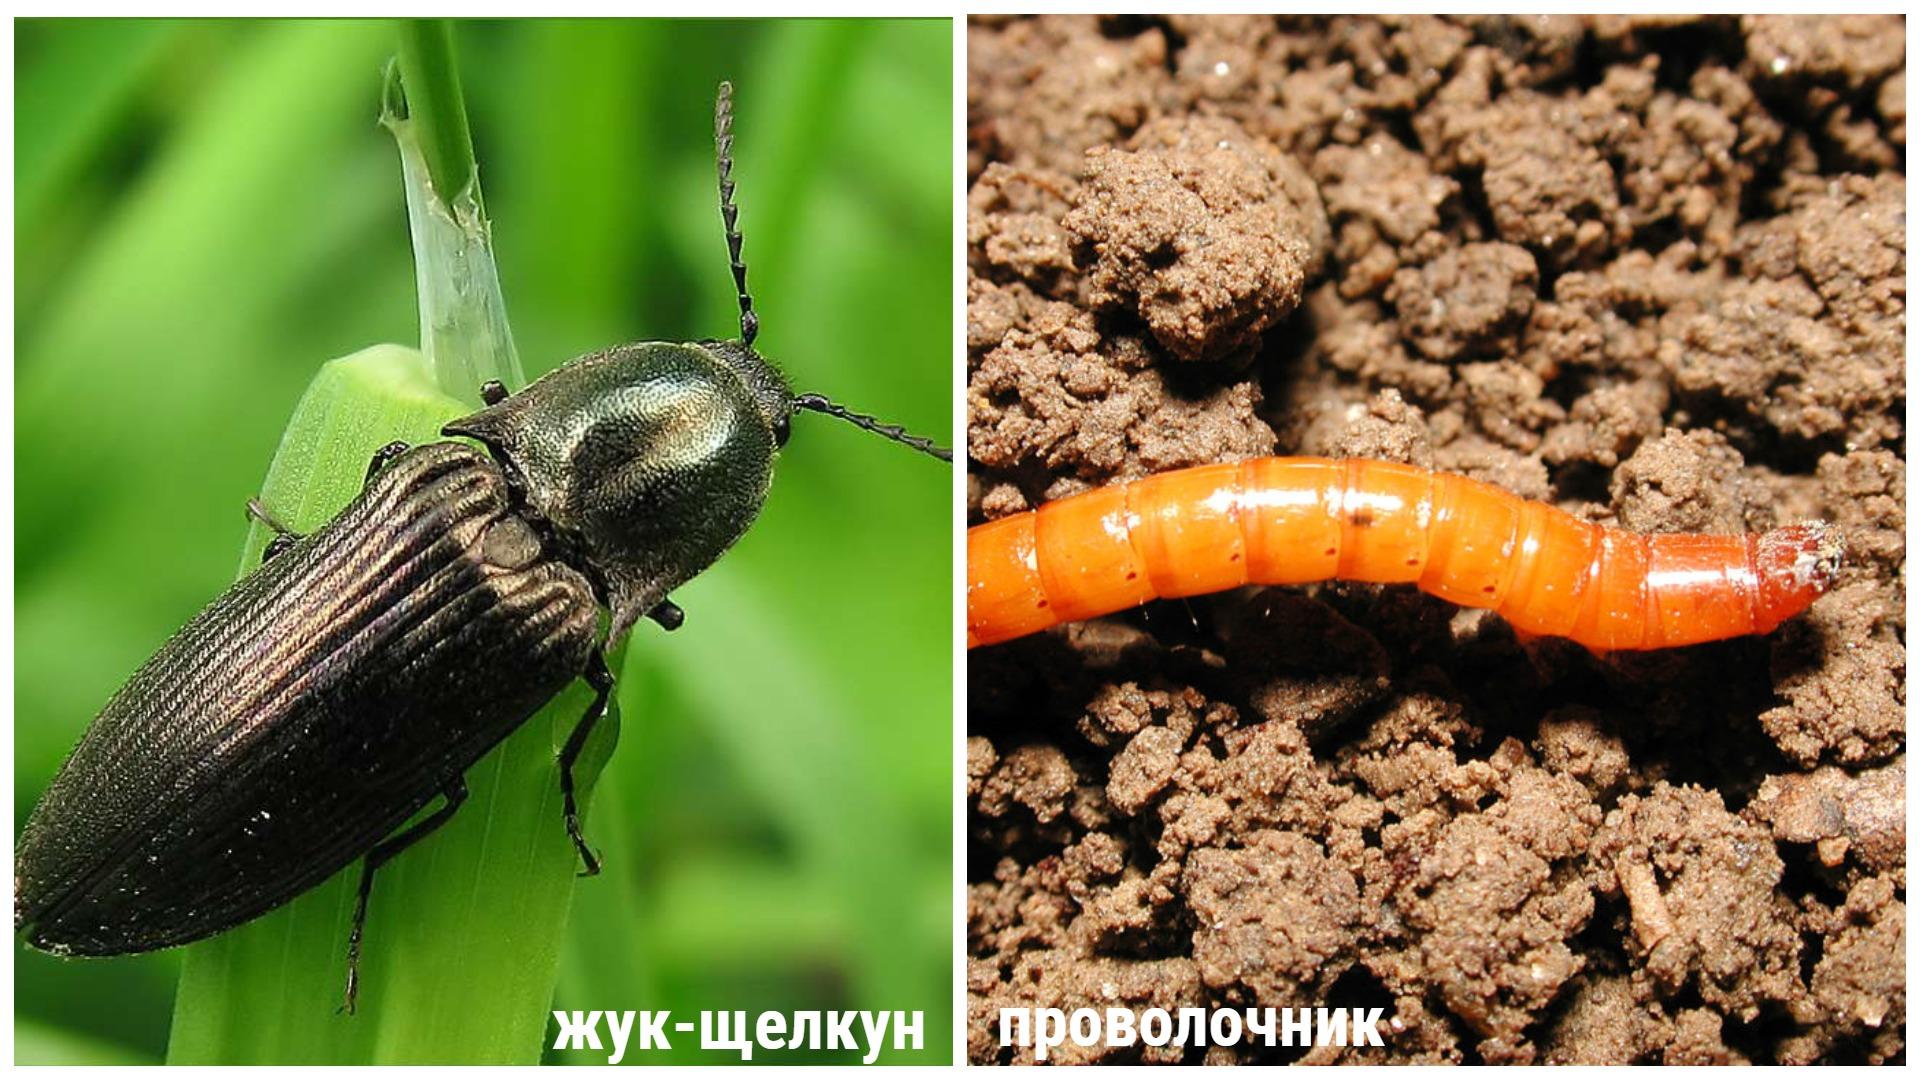 Как избавиться от жука щелкуна: народные средства и химические средства